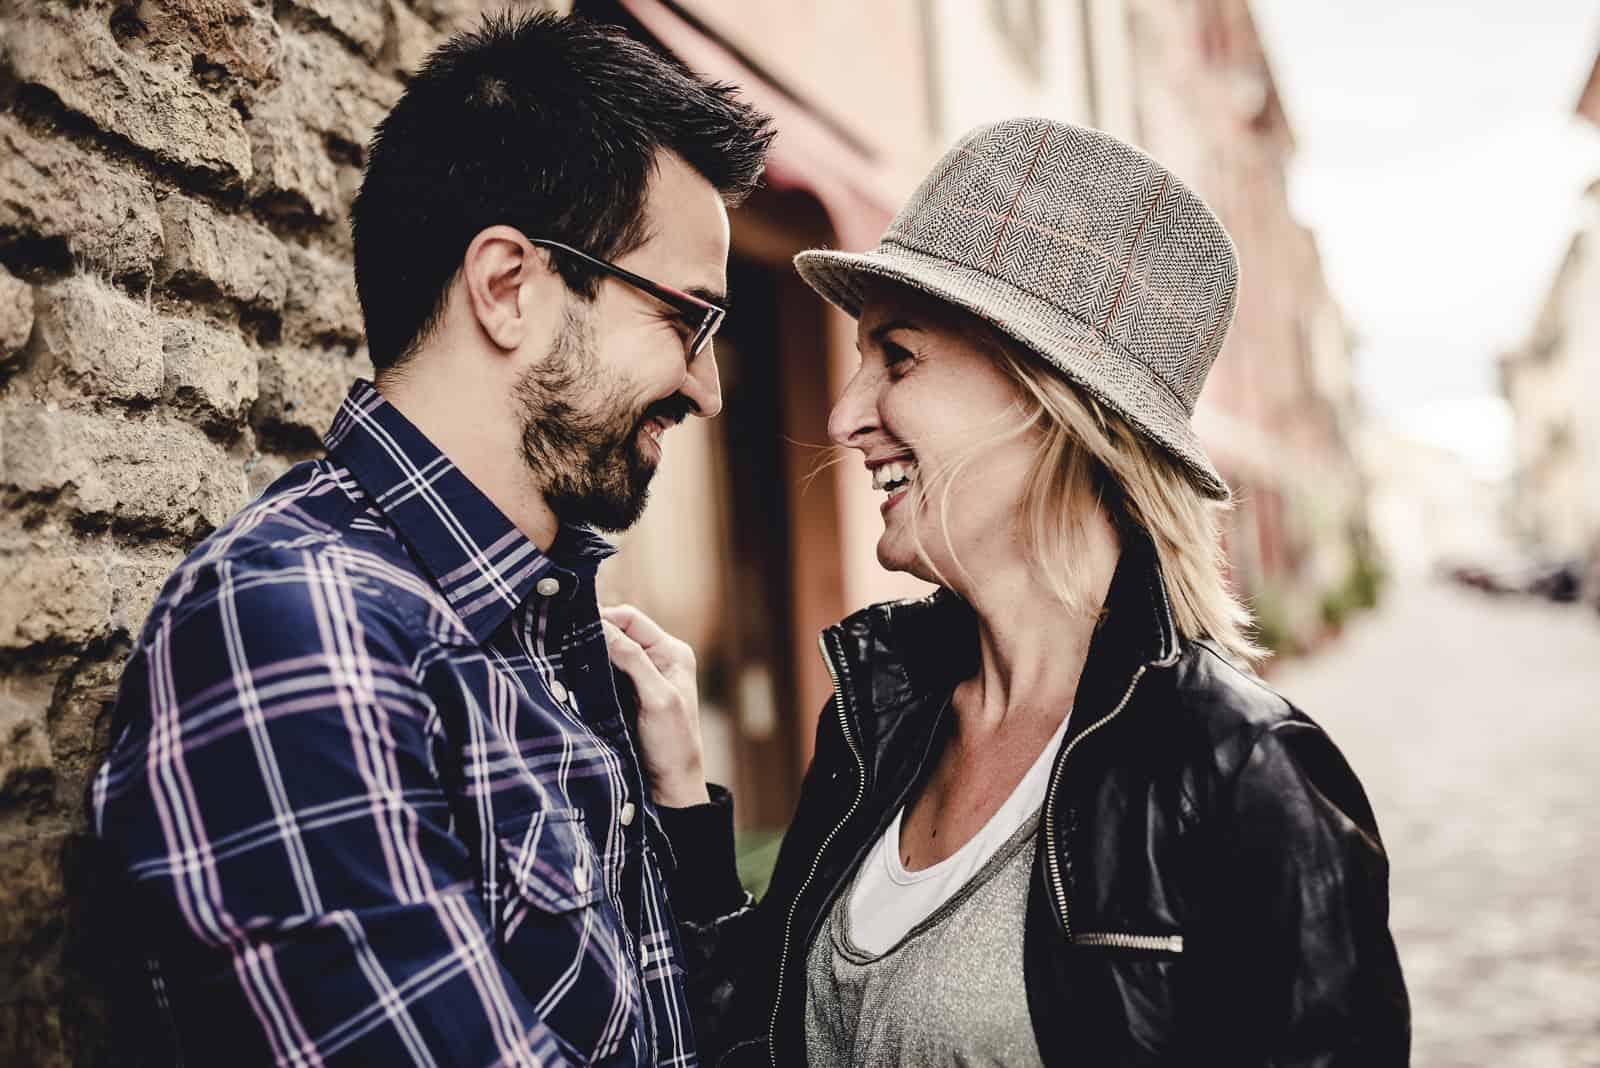 l'homme et la femme se regardent et rient